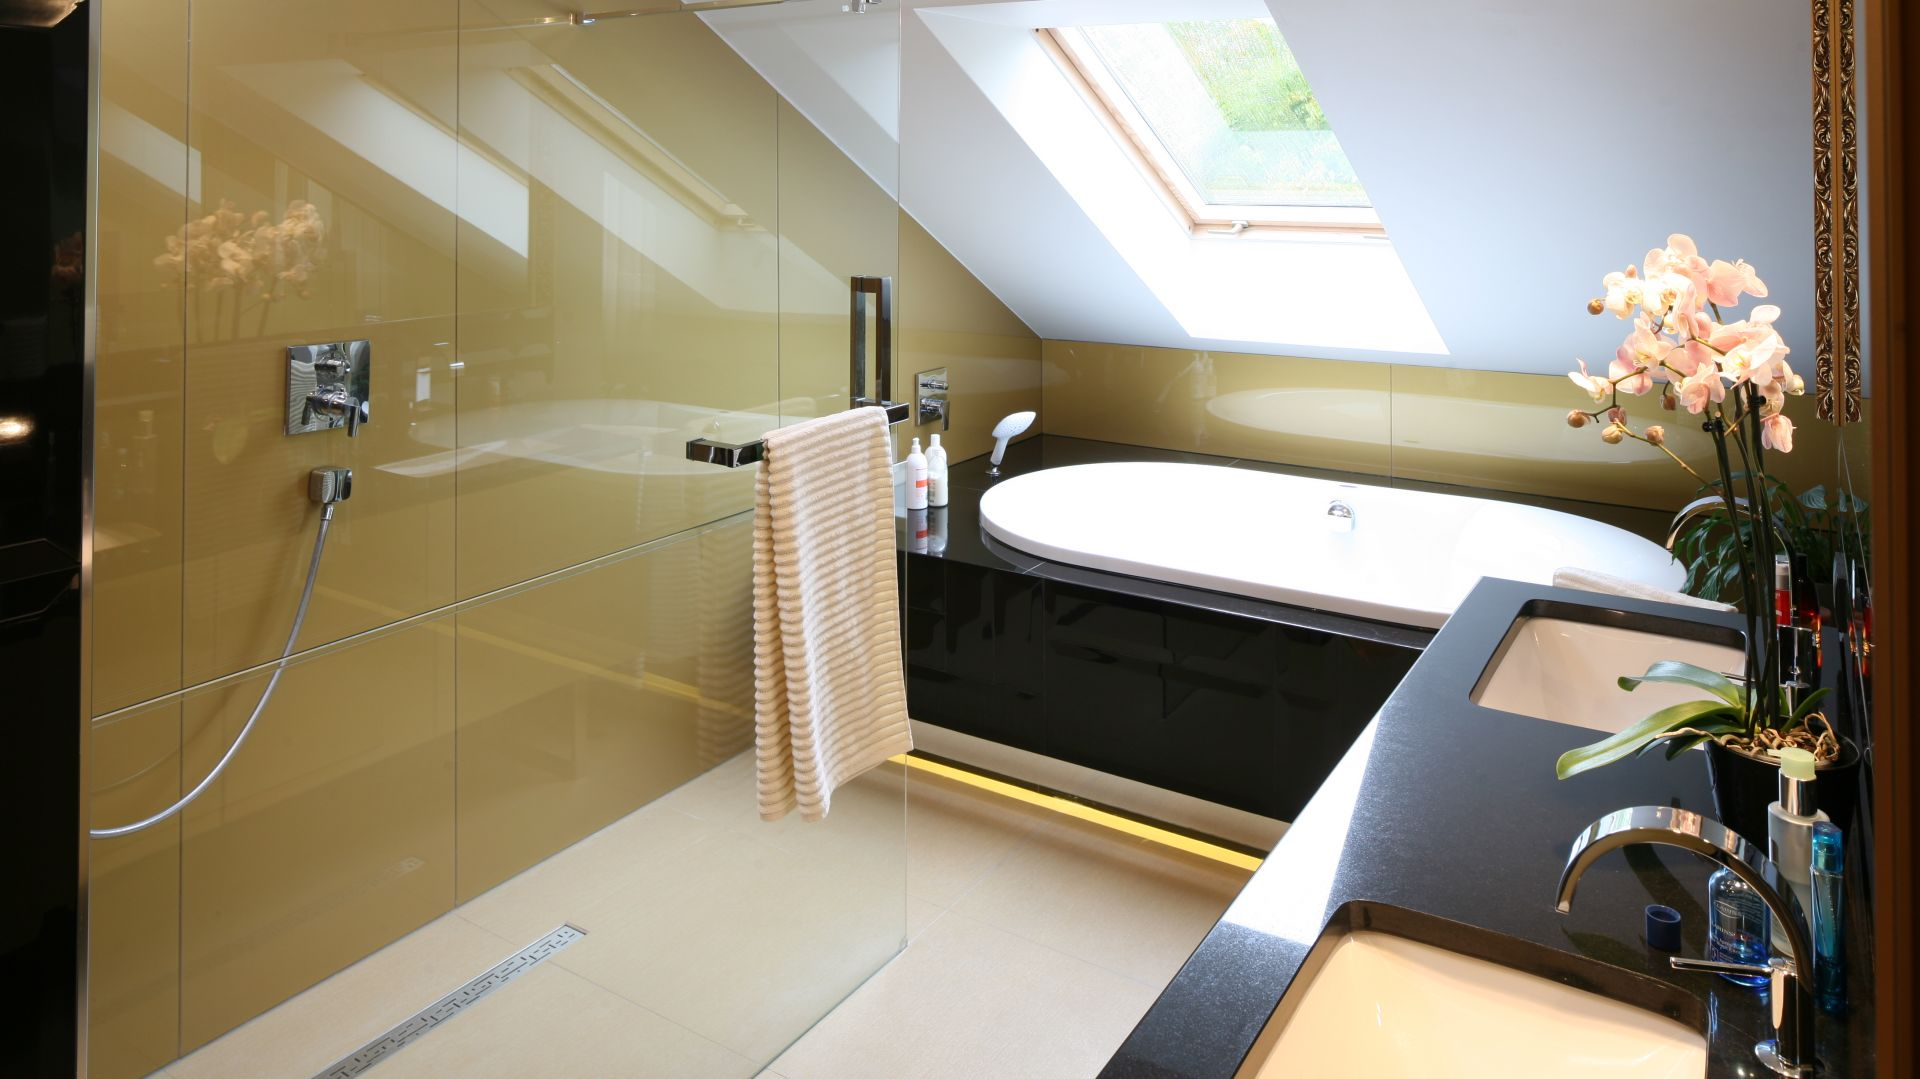 Prysznic w łazience. Projekt: Chantal Springer. Fot. Bartosz Jarosz